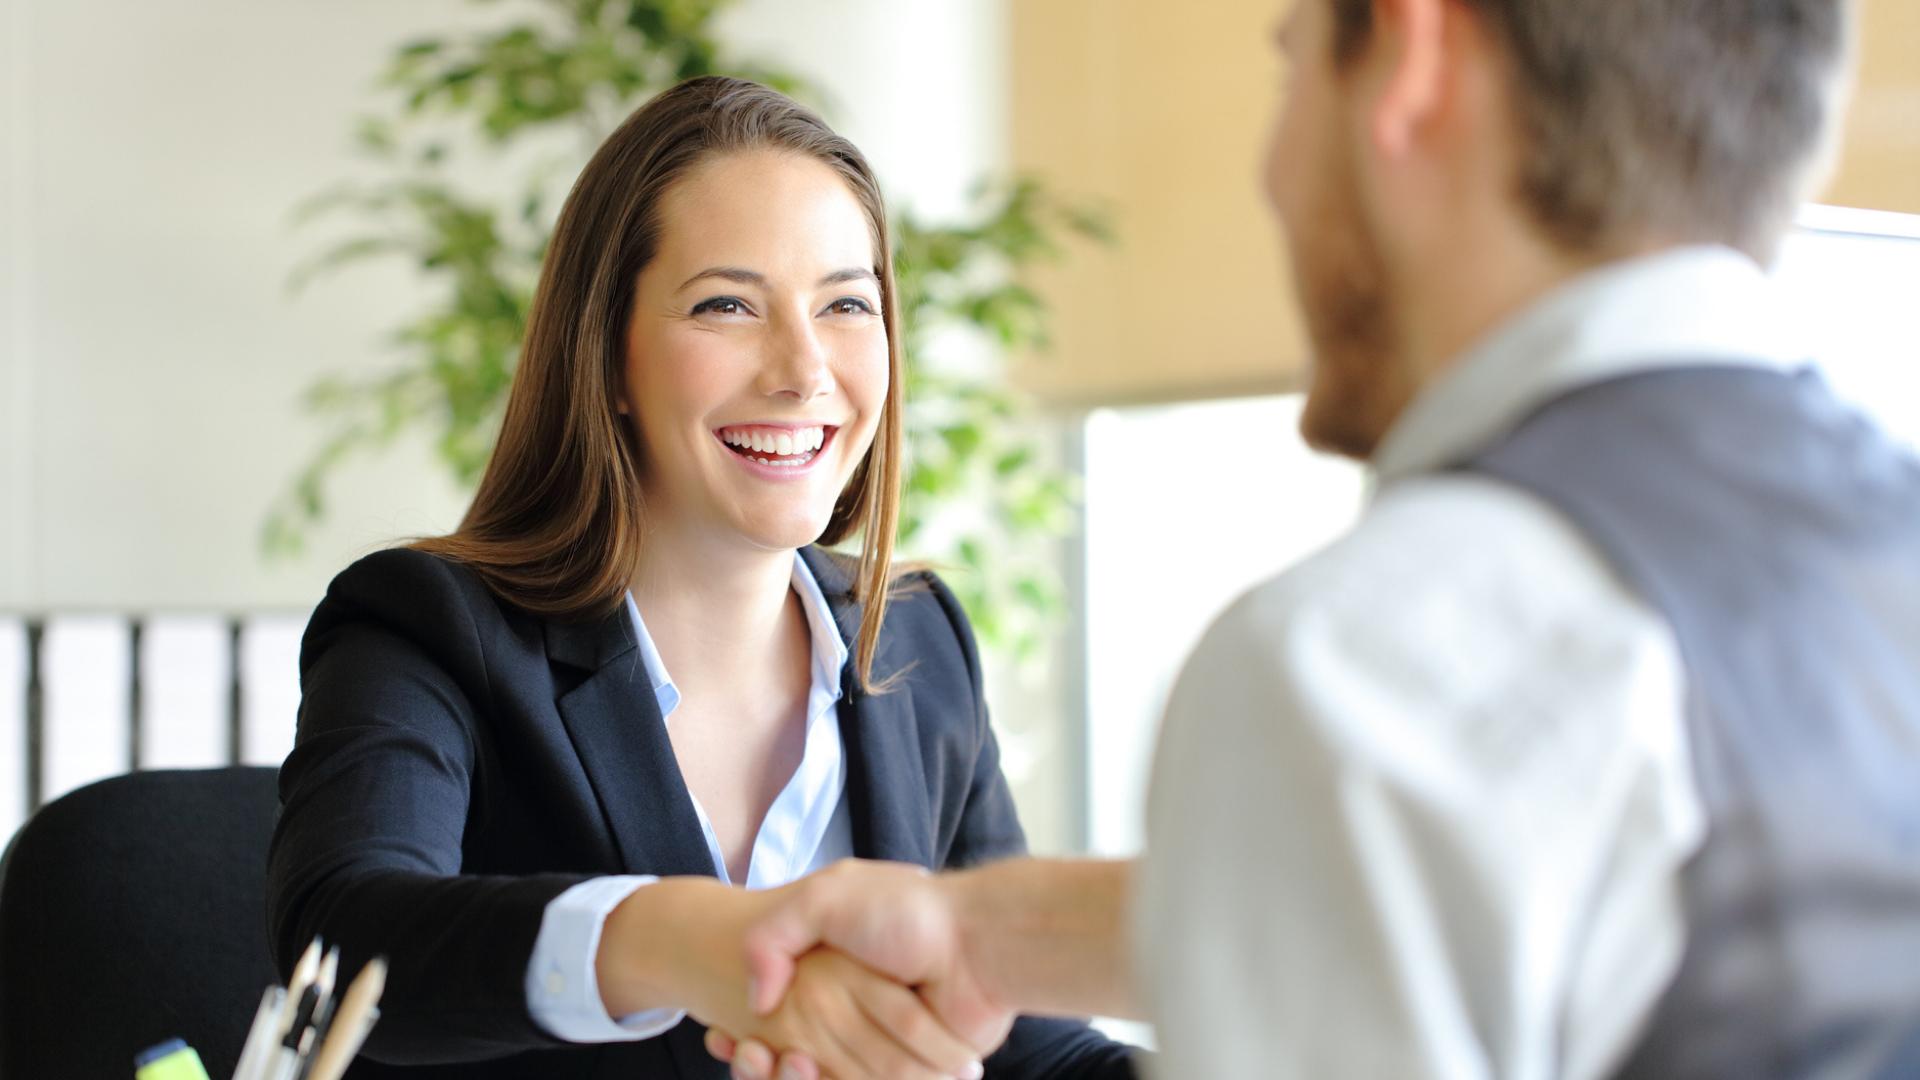 Consejos y truquitos para destacar en una entrevista de trabajo